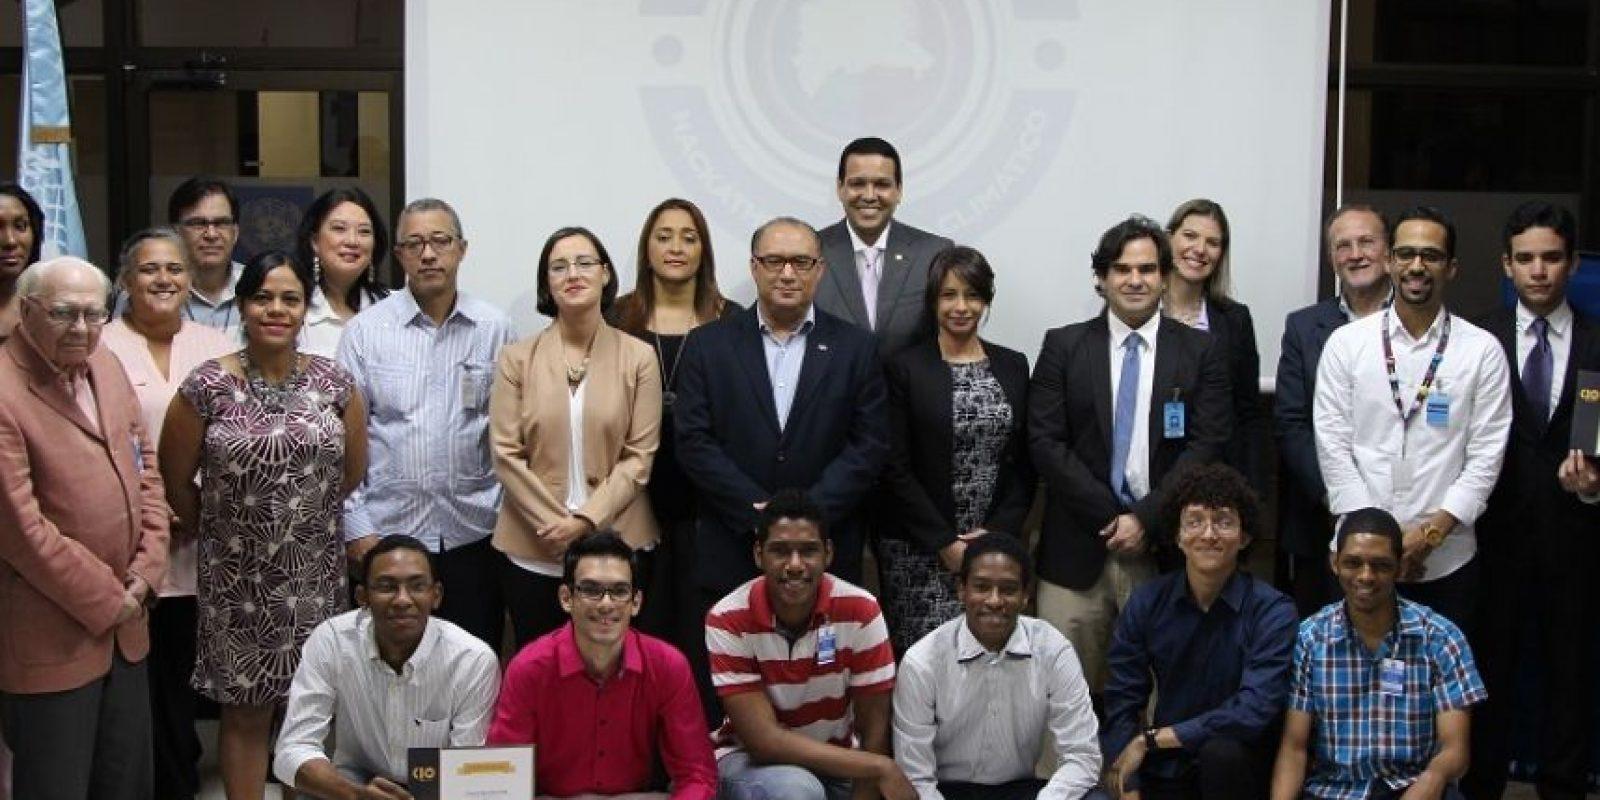 |Ganadores de los tres primeros lugares del Climathon, junto a representantes de las instituciones organizadoras y patrocinadoras. Foto:Fuente Externa